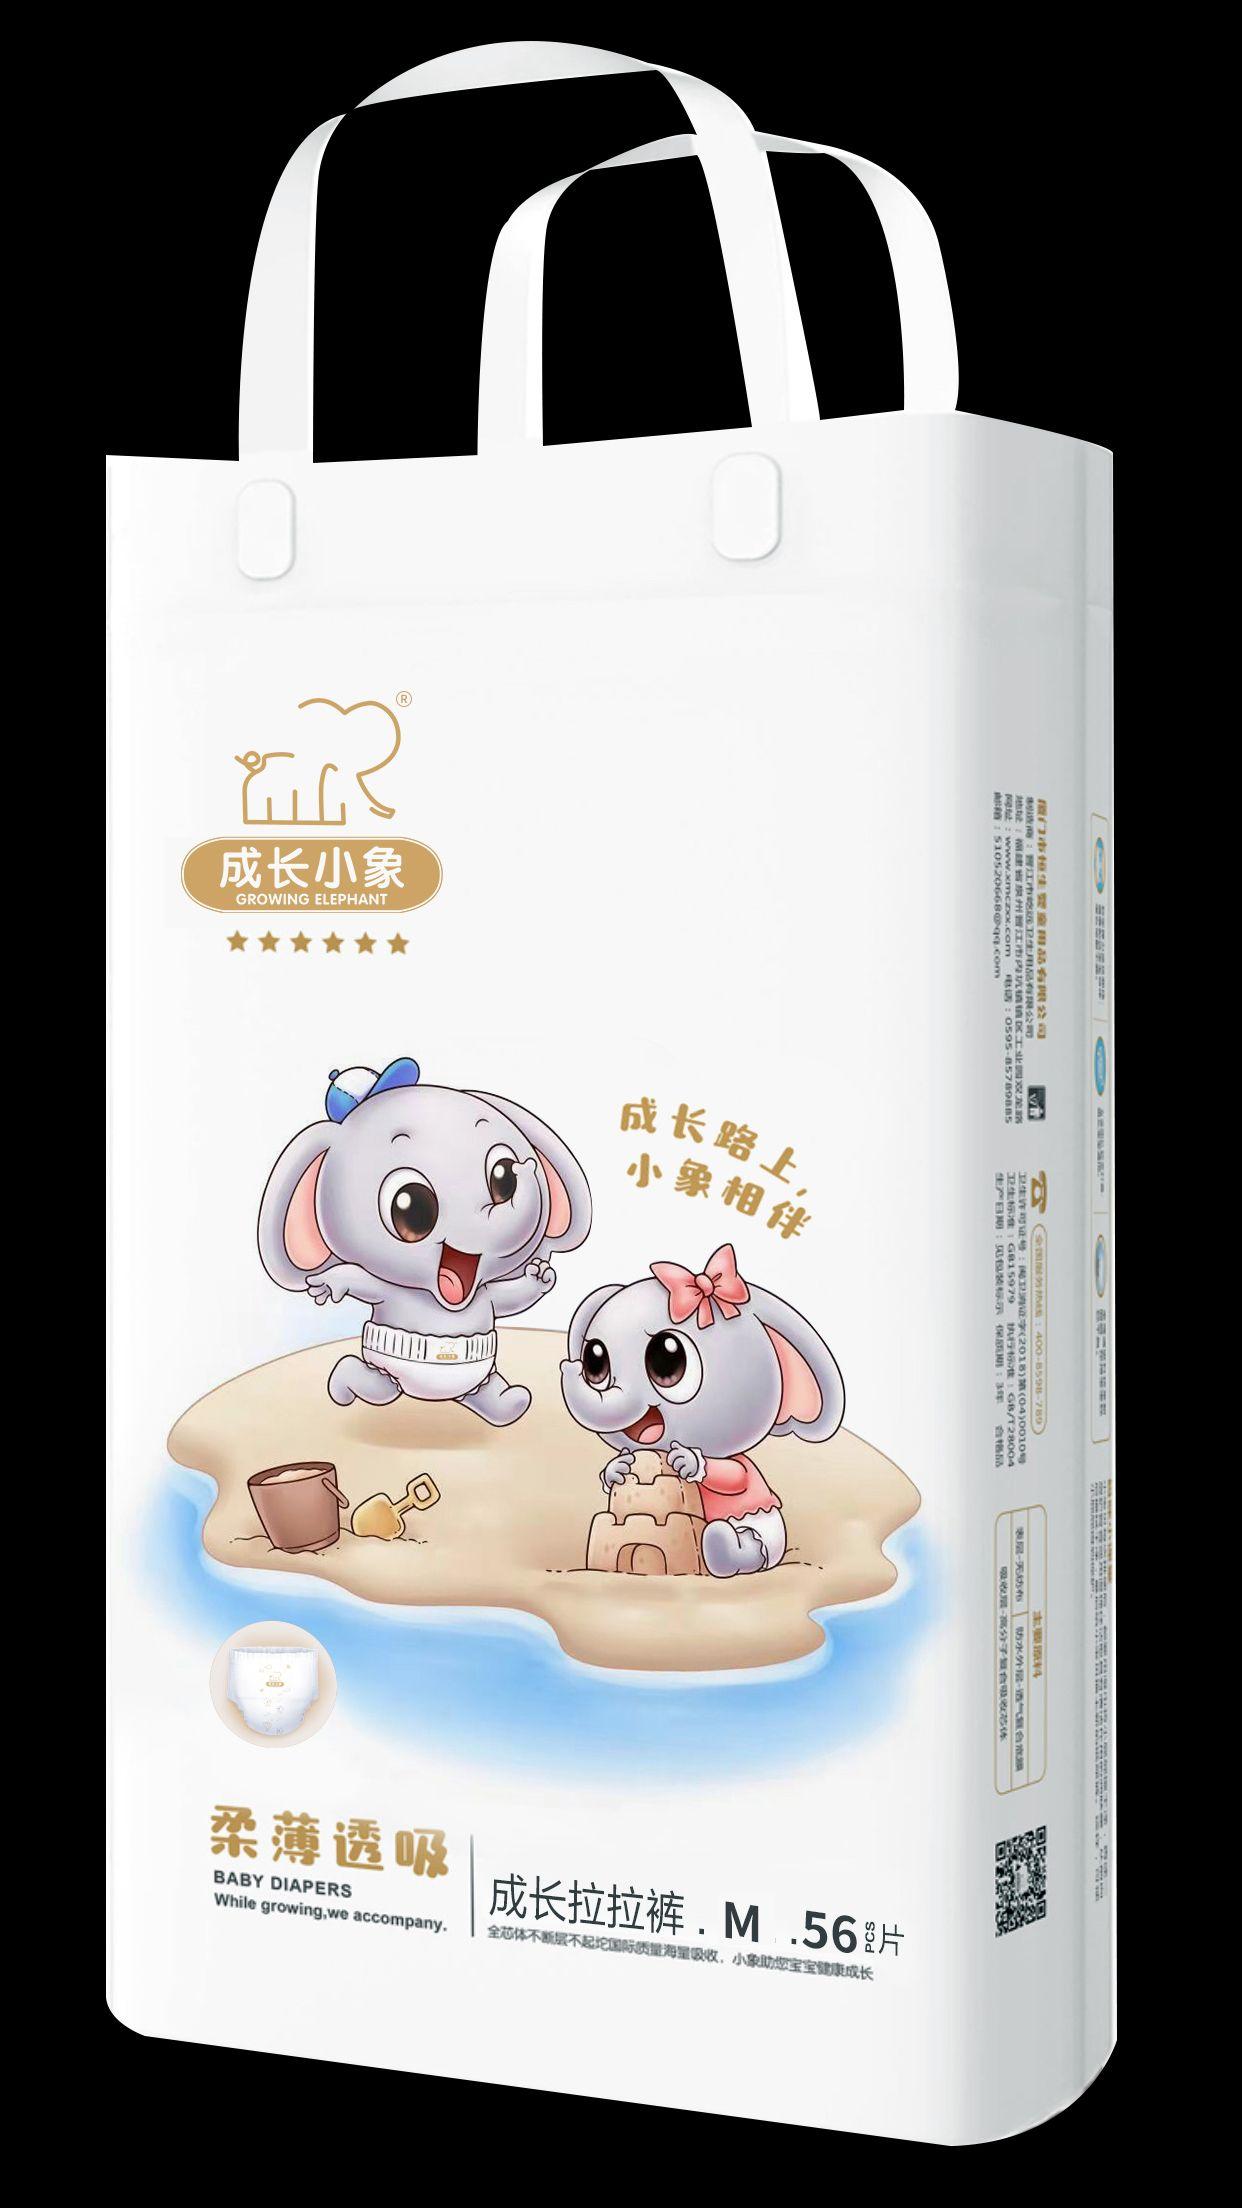 棉柔的紙尿褲供應商-選擇可靠的紙尿褲招商,就來恒生嬰童用品